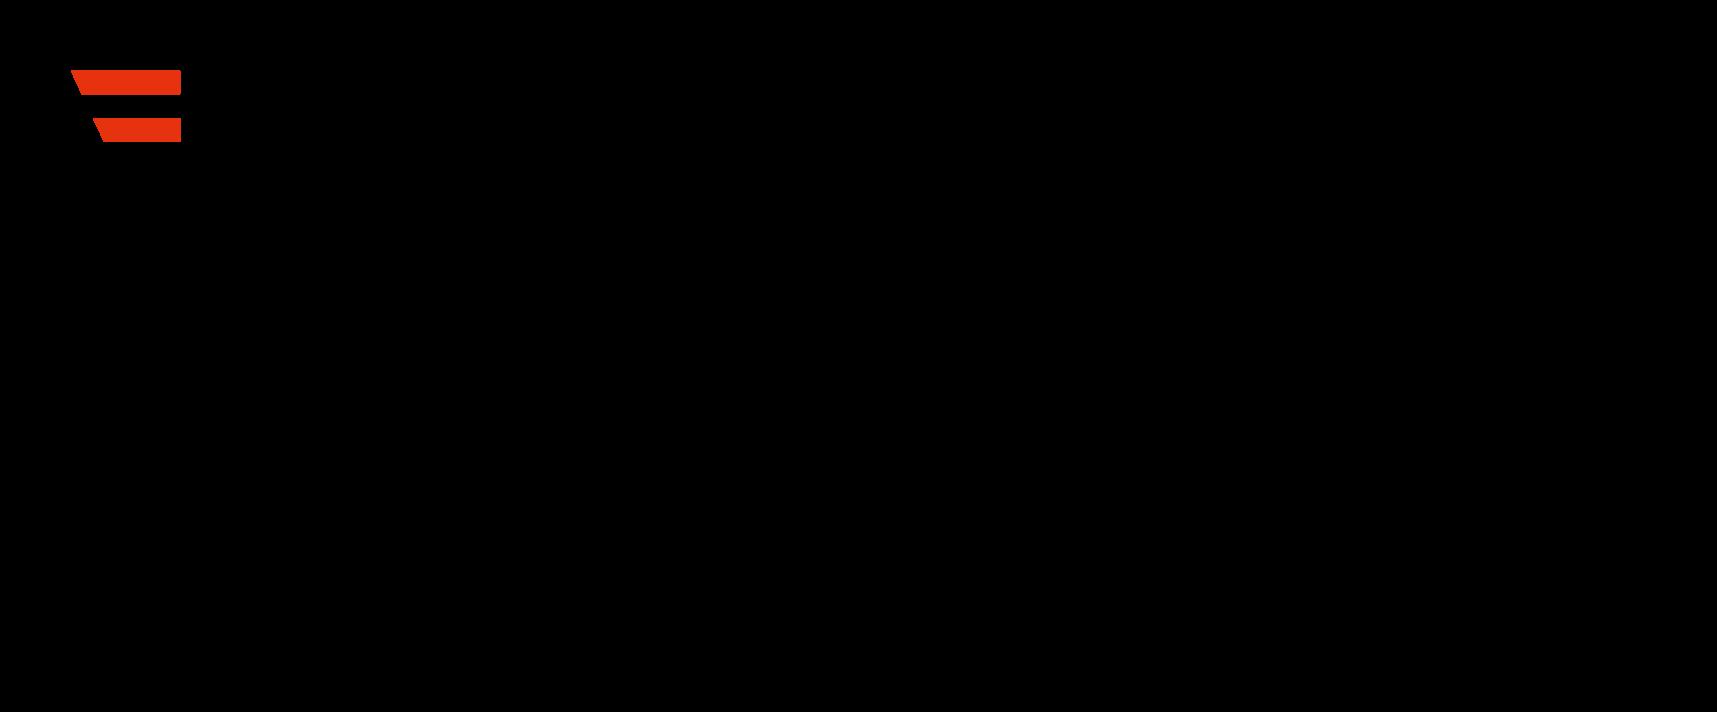 Logos - open4innovation